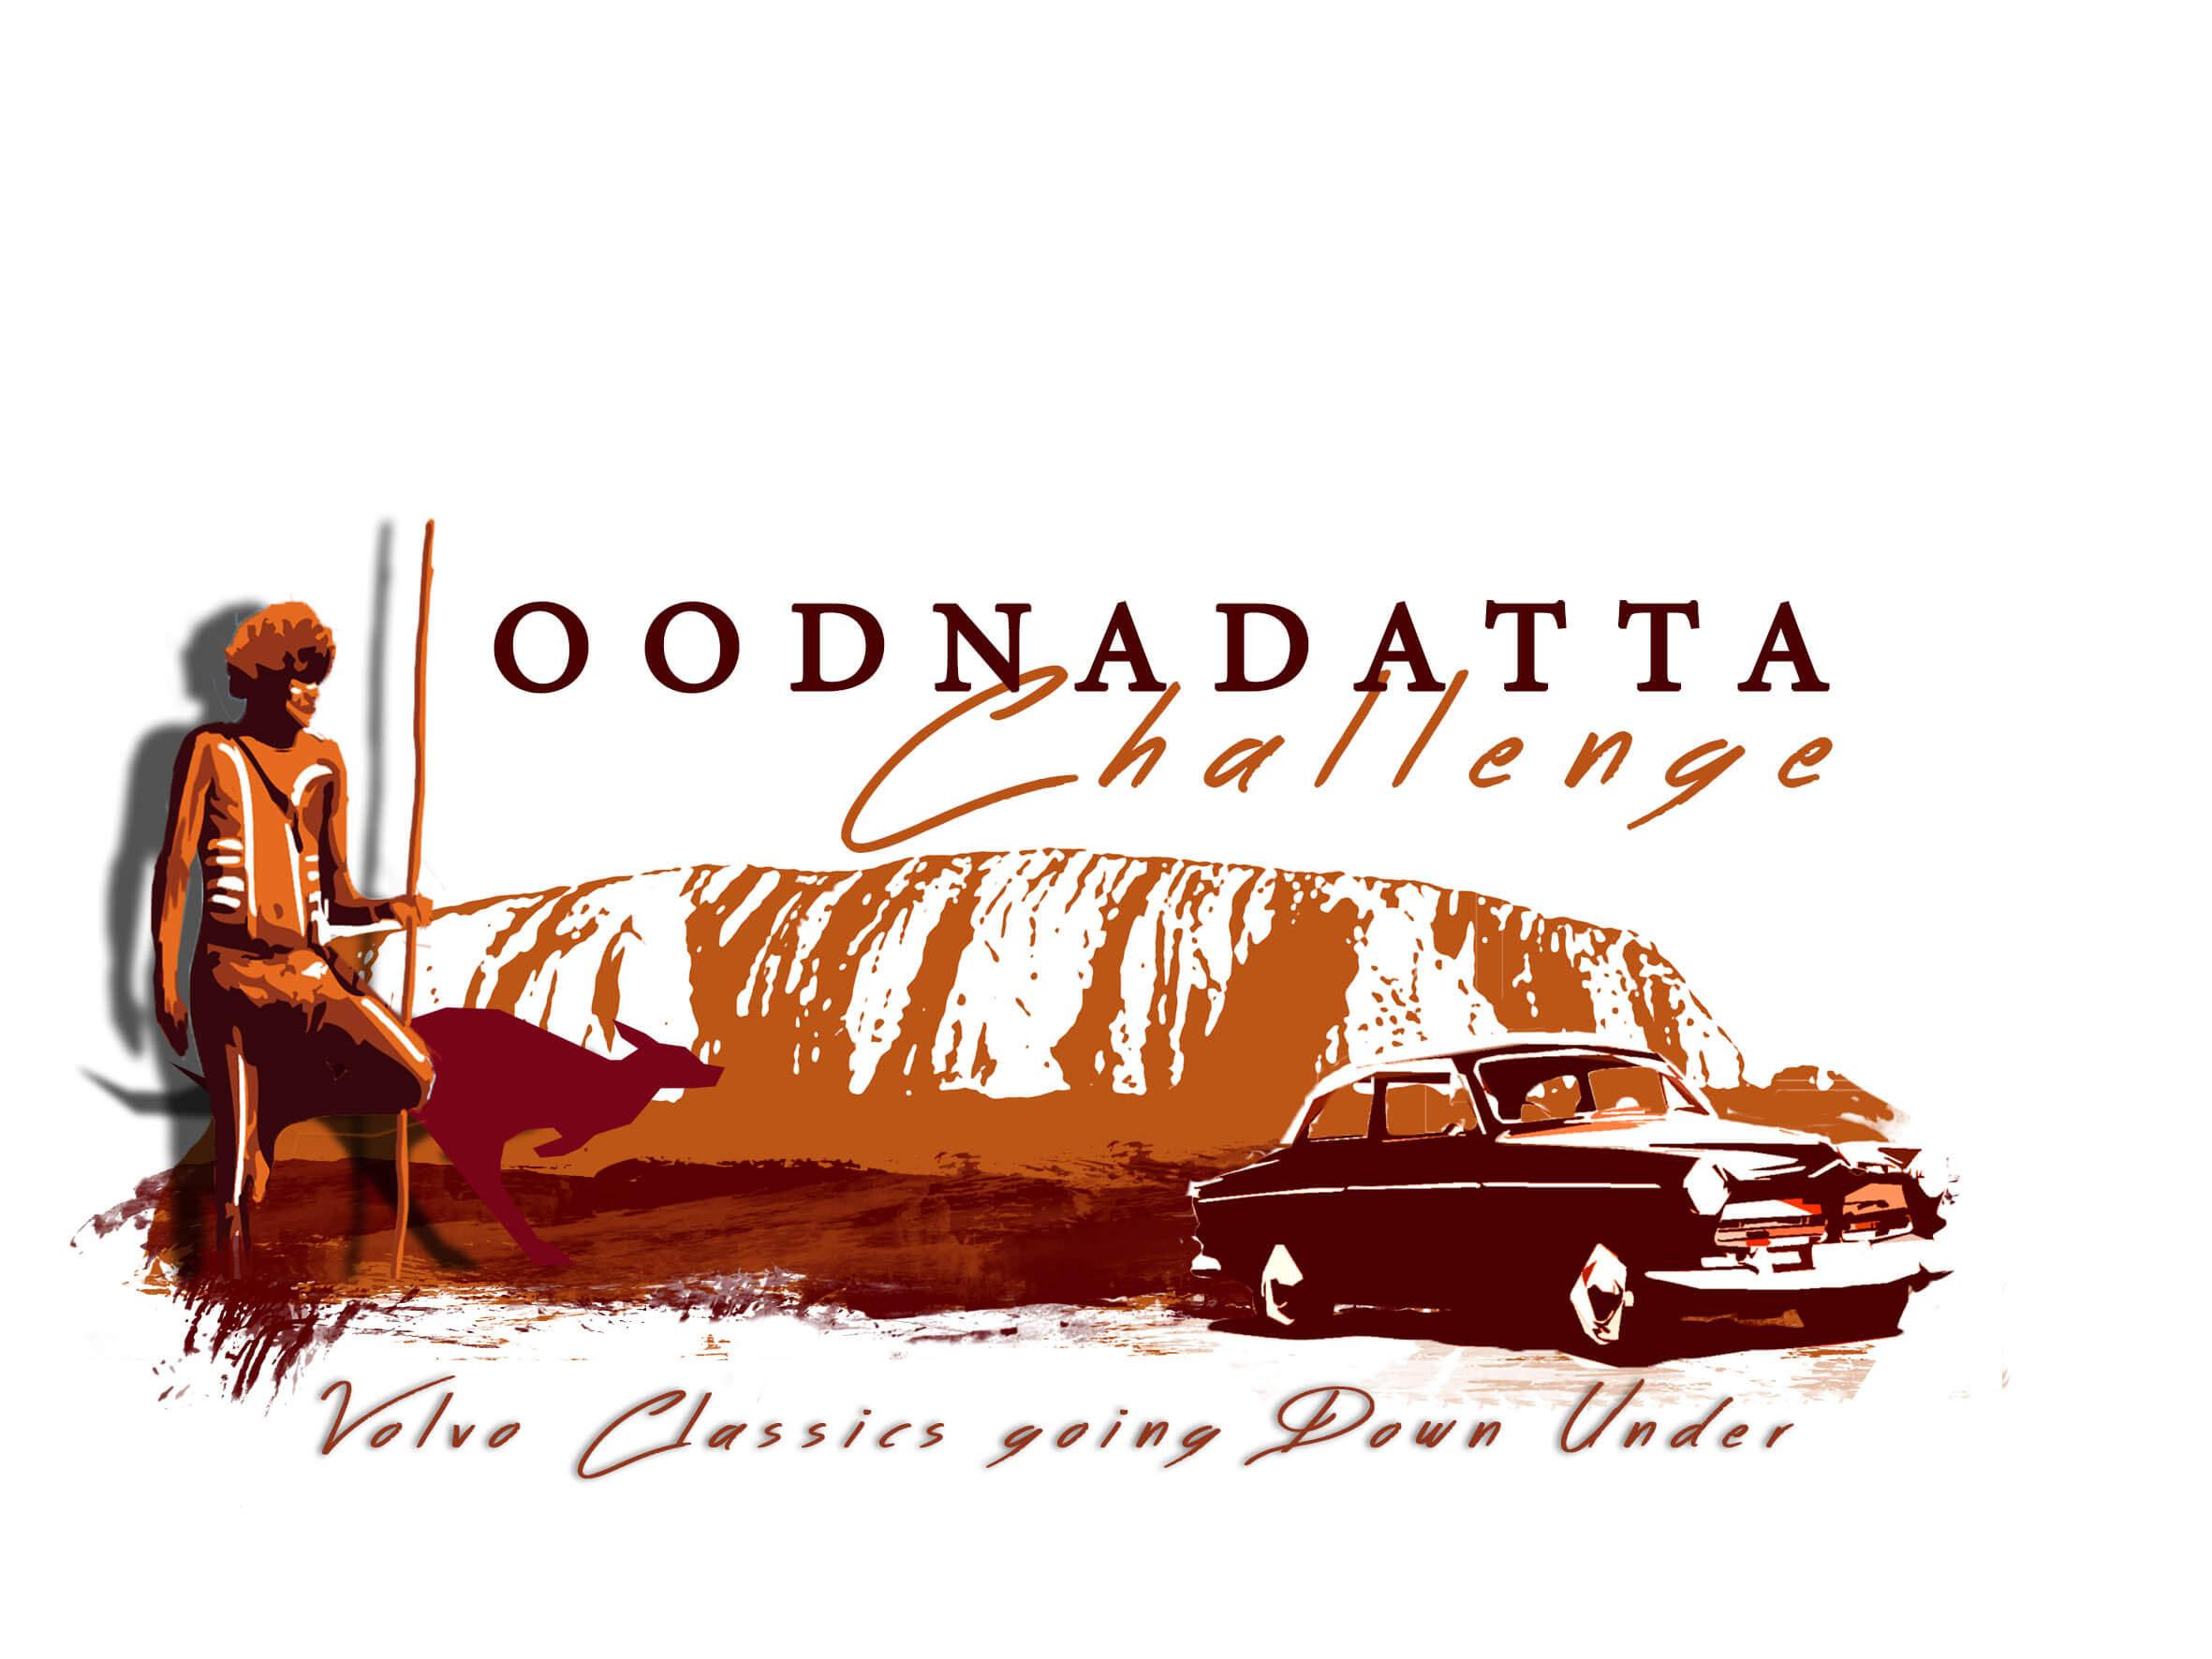 Oodnadatta Challenge